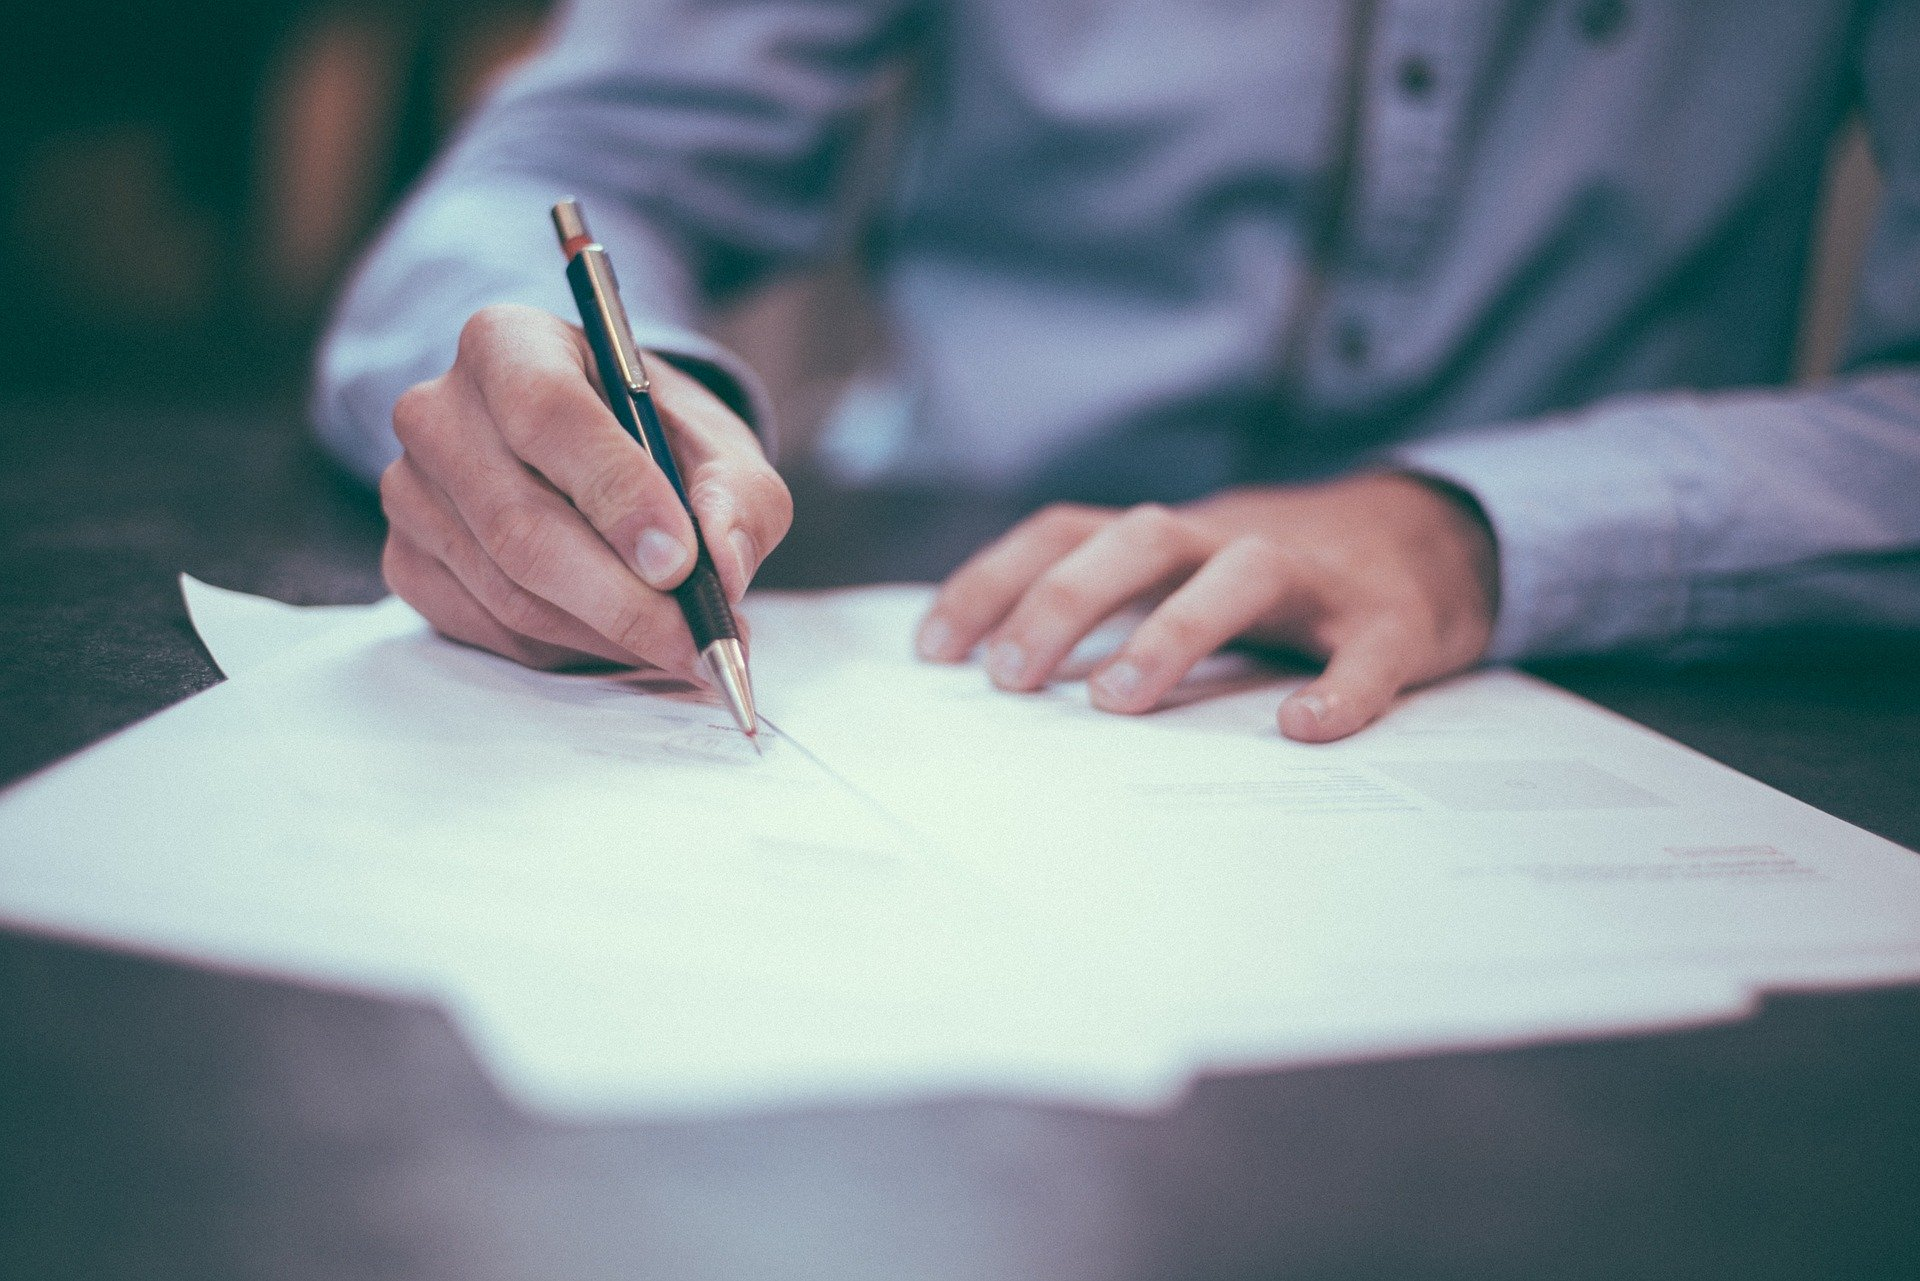 Começar um negócio: 5 cuidados que você precisa ao investir